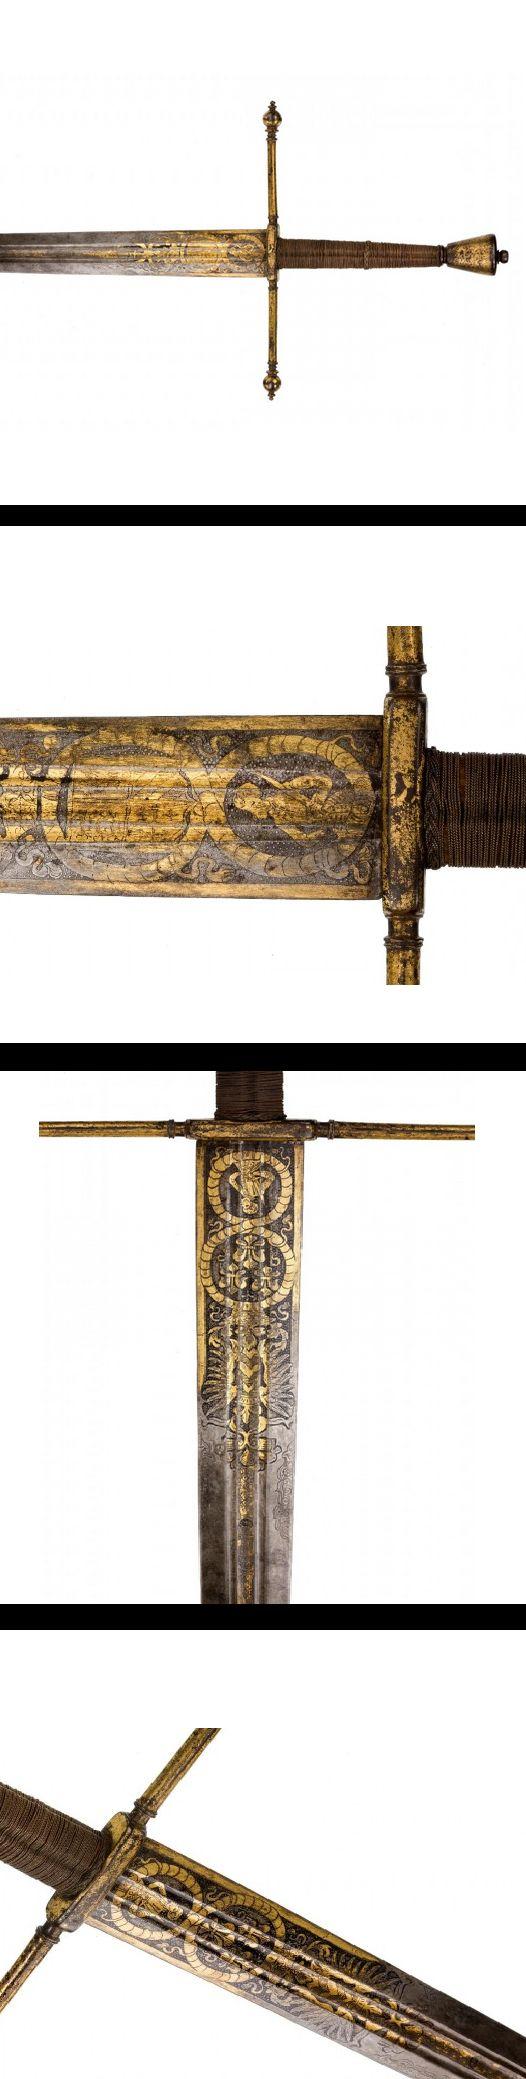 Espada de las armerías de los príncipes von Liechtenstein - Alemania - C 1580